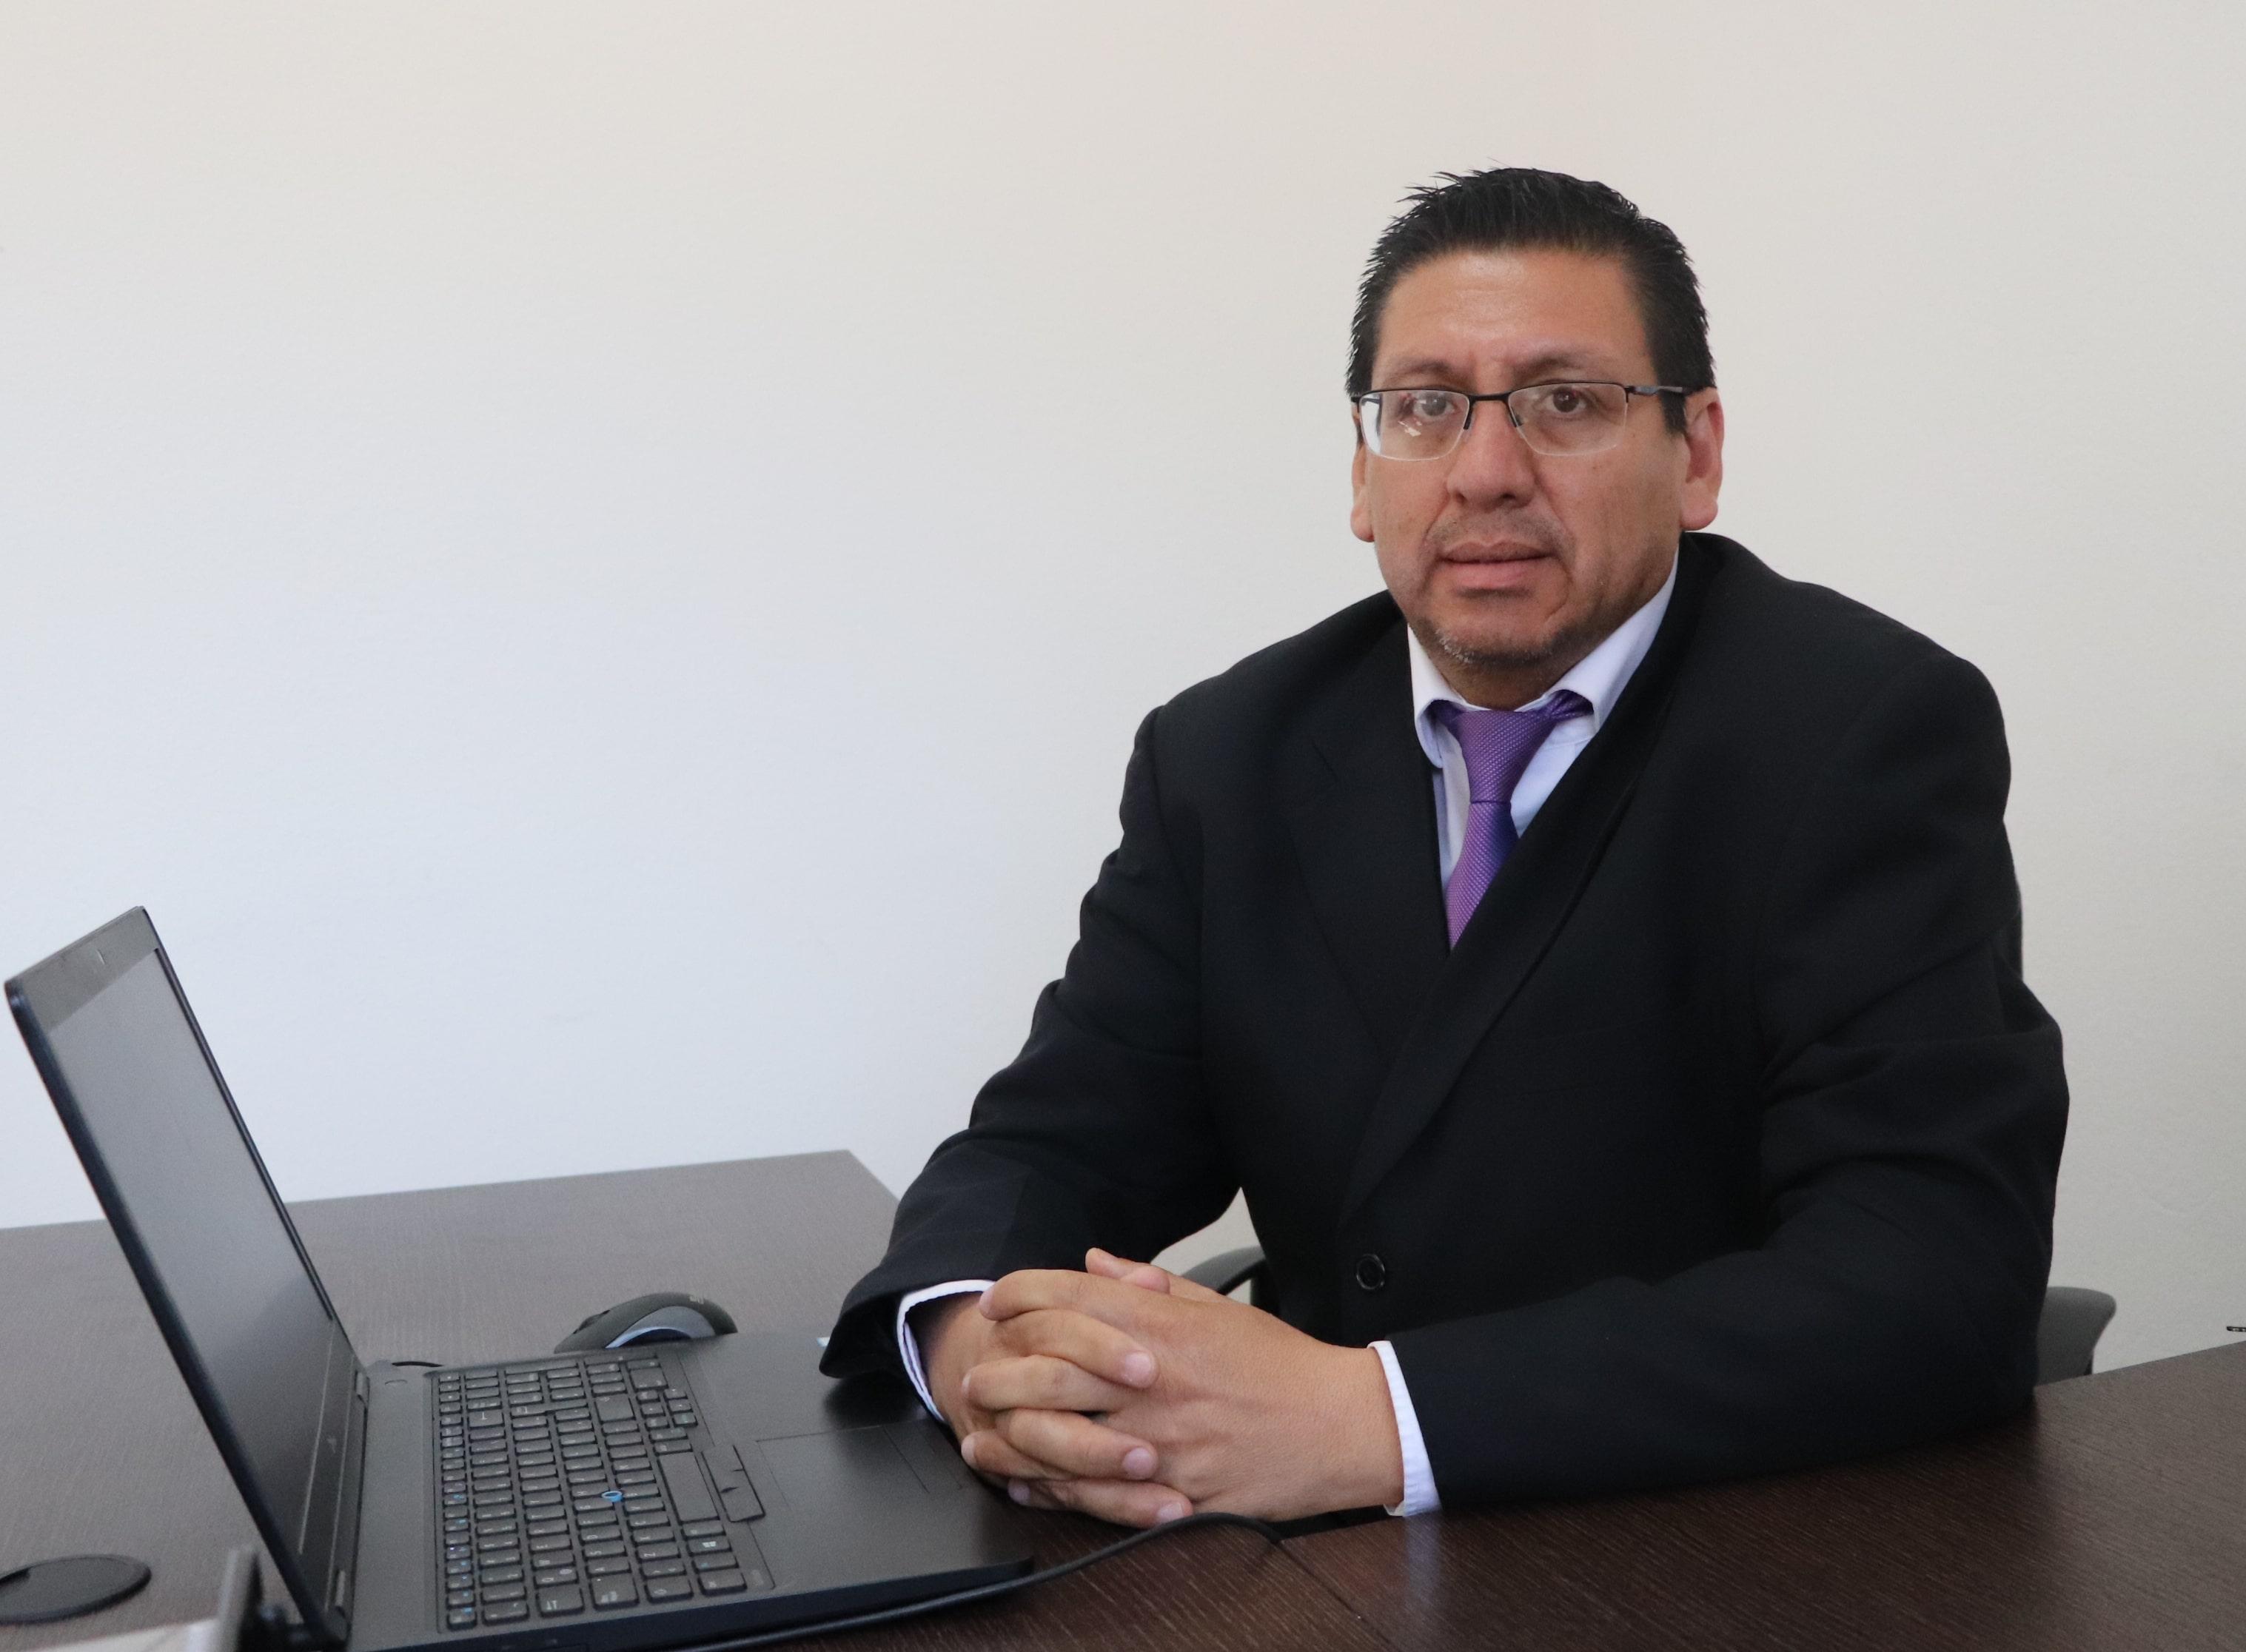 Geovanny Pacheco Velasquez